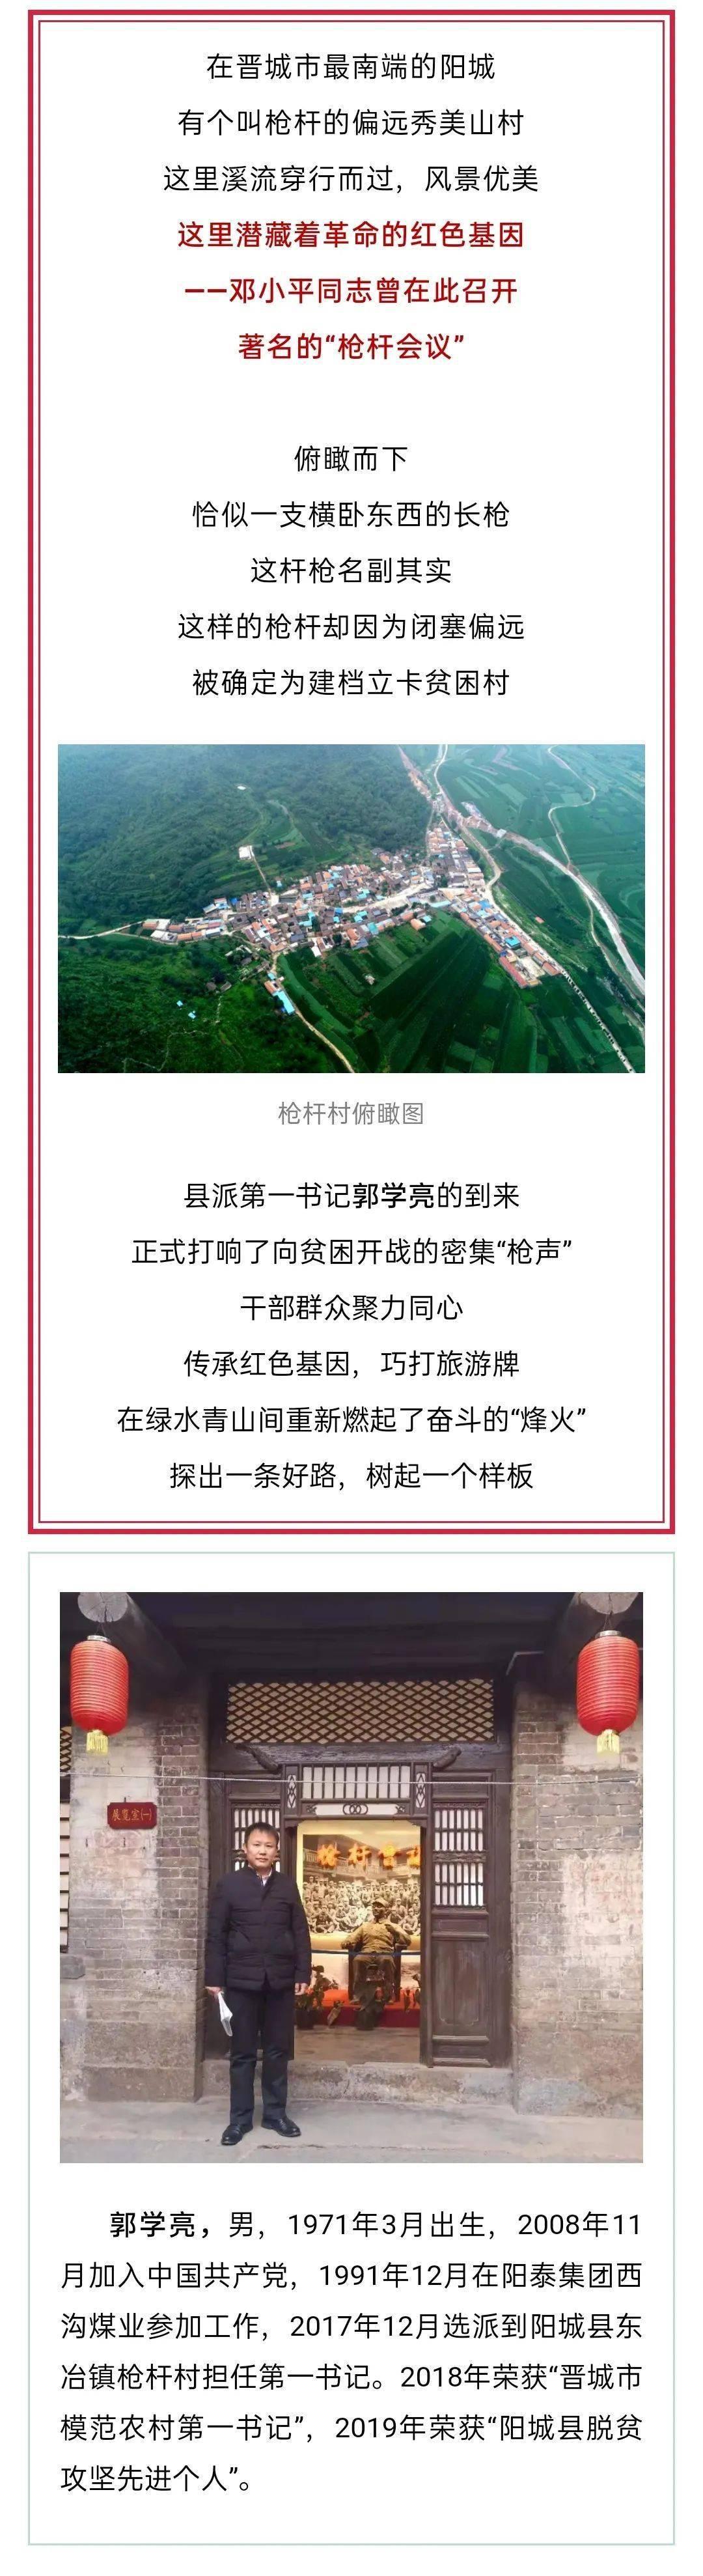 """【讲扶贫故事】郭学亮:端起""""枪杆""""向贫困开战  第1张"""